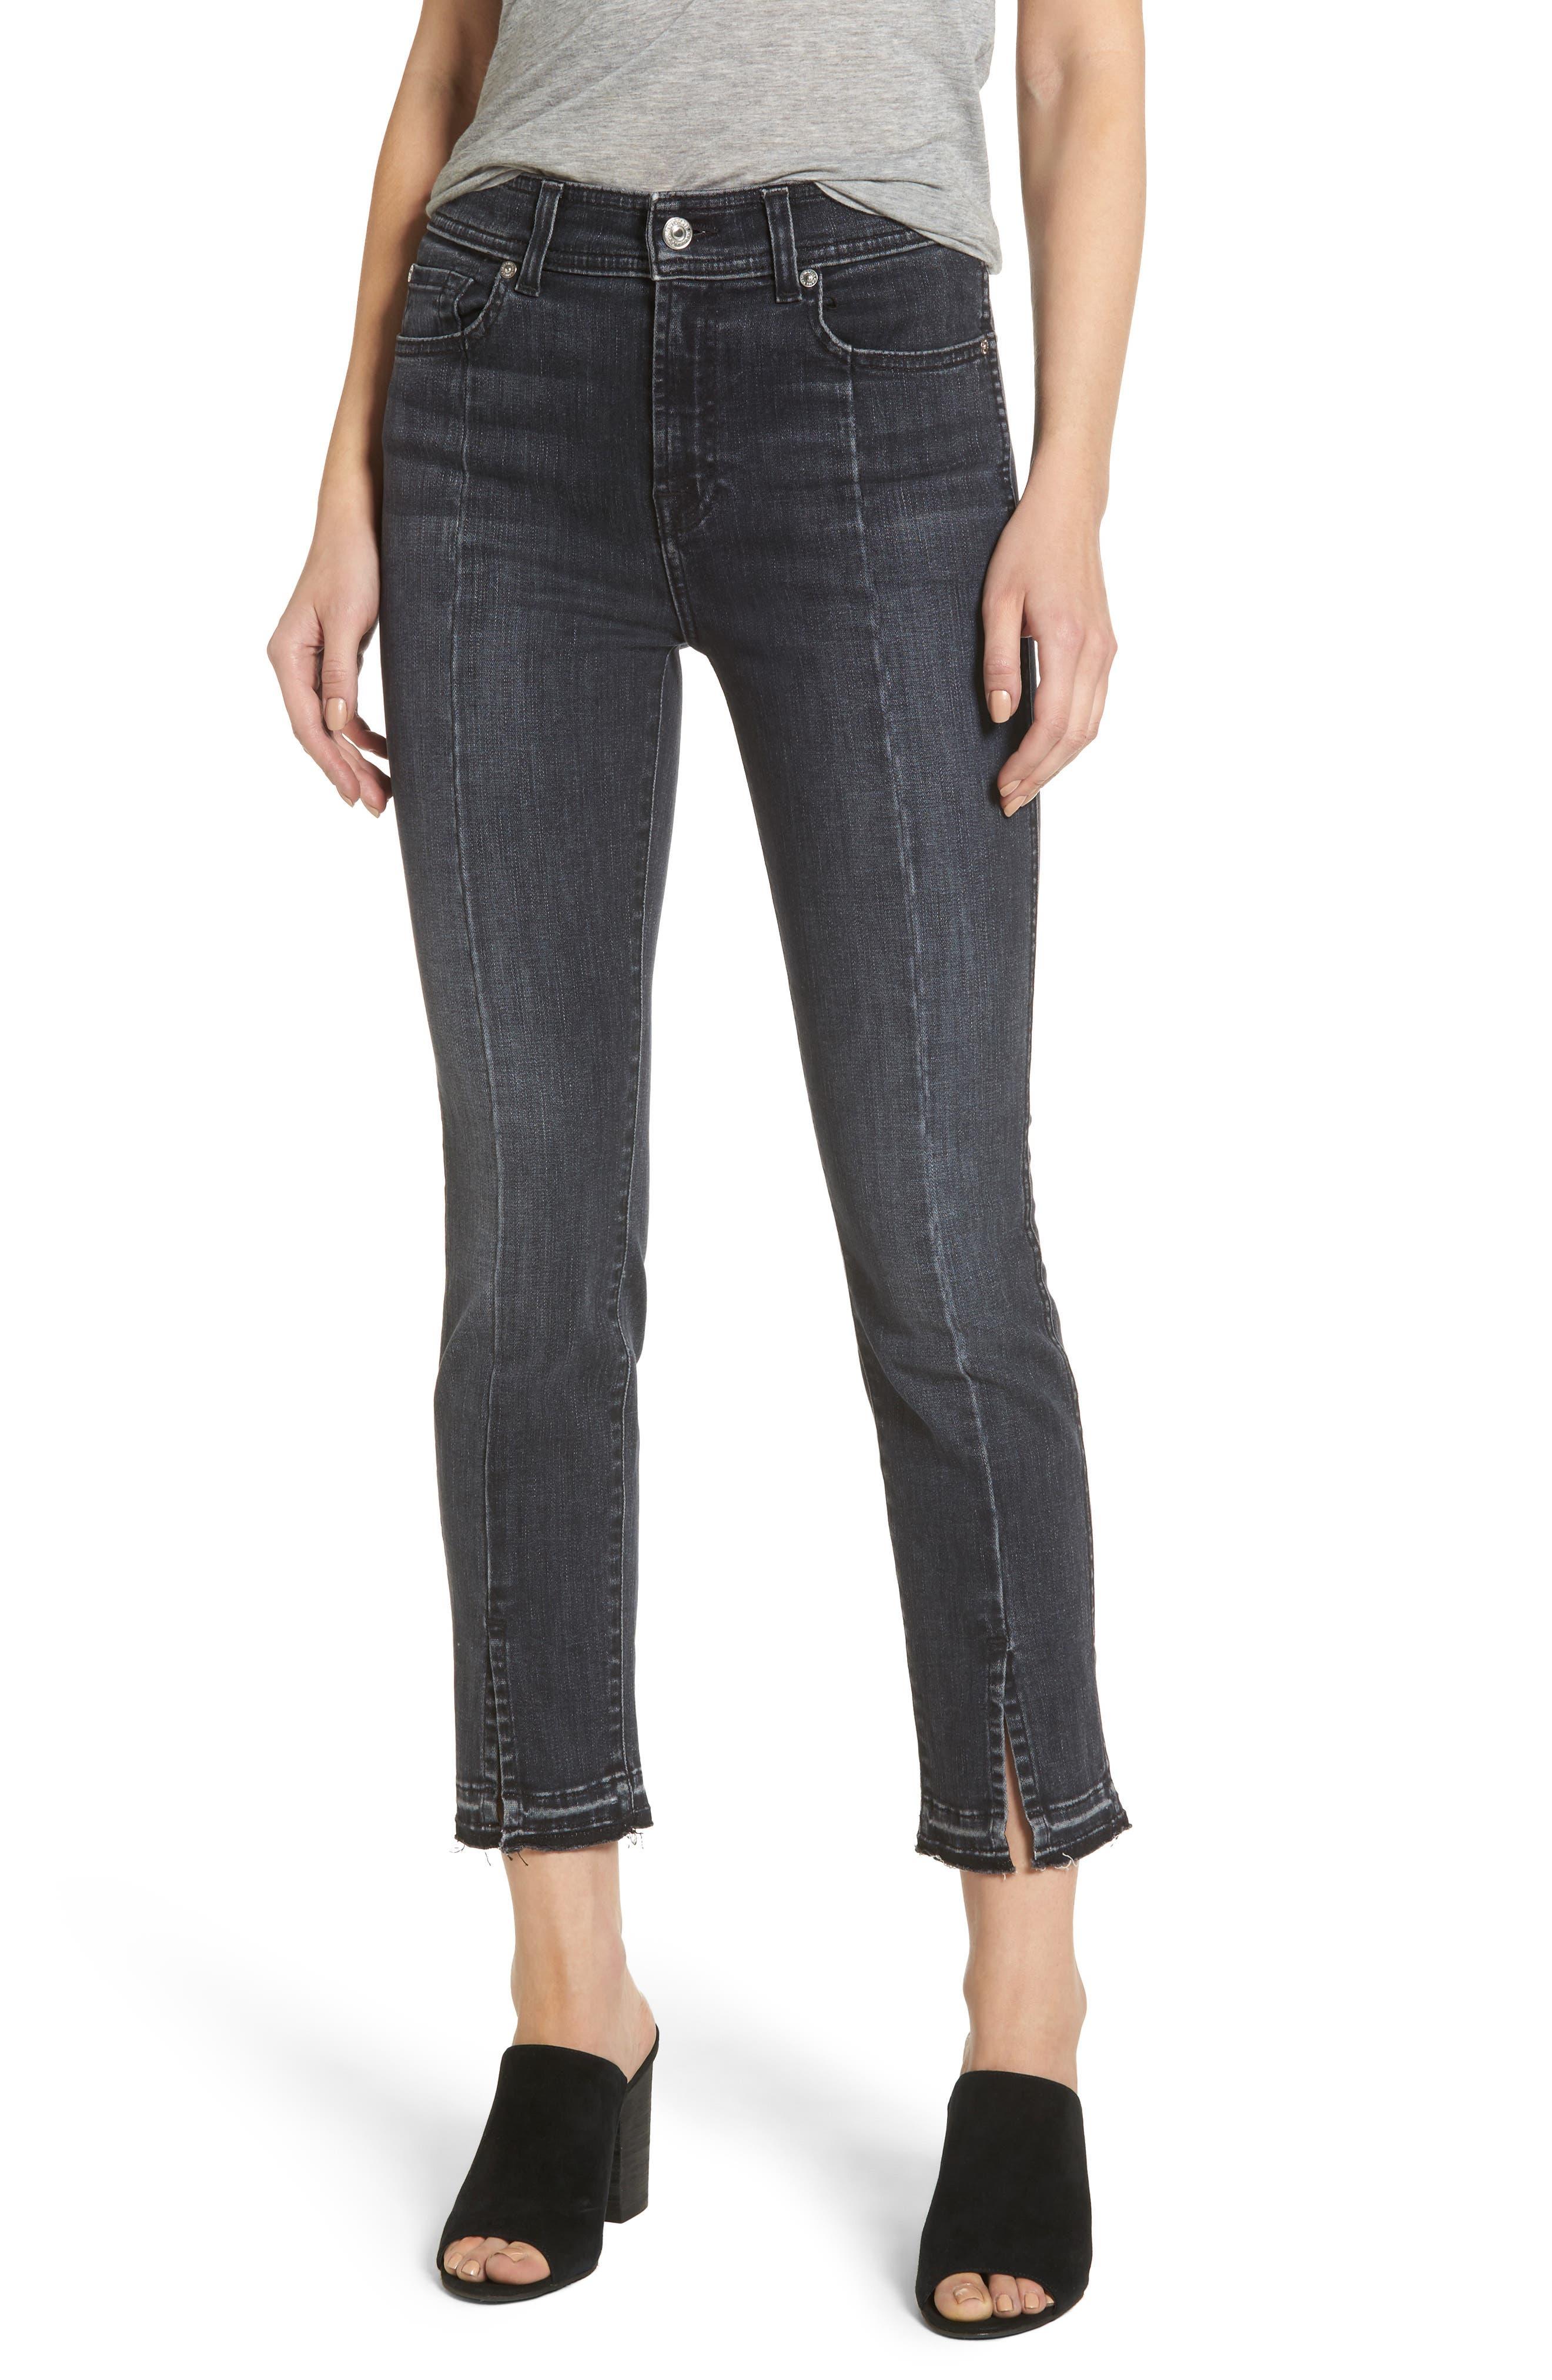 Alternate Image 1 Selected - 7 For All Mankind® Split Hem Ankle Skinny Jeans (Vintage Noir)